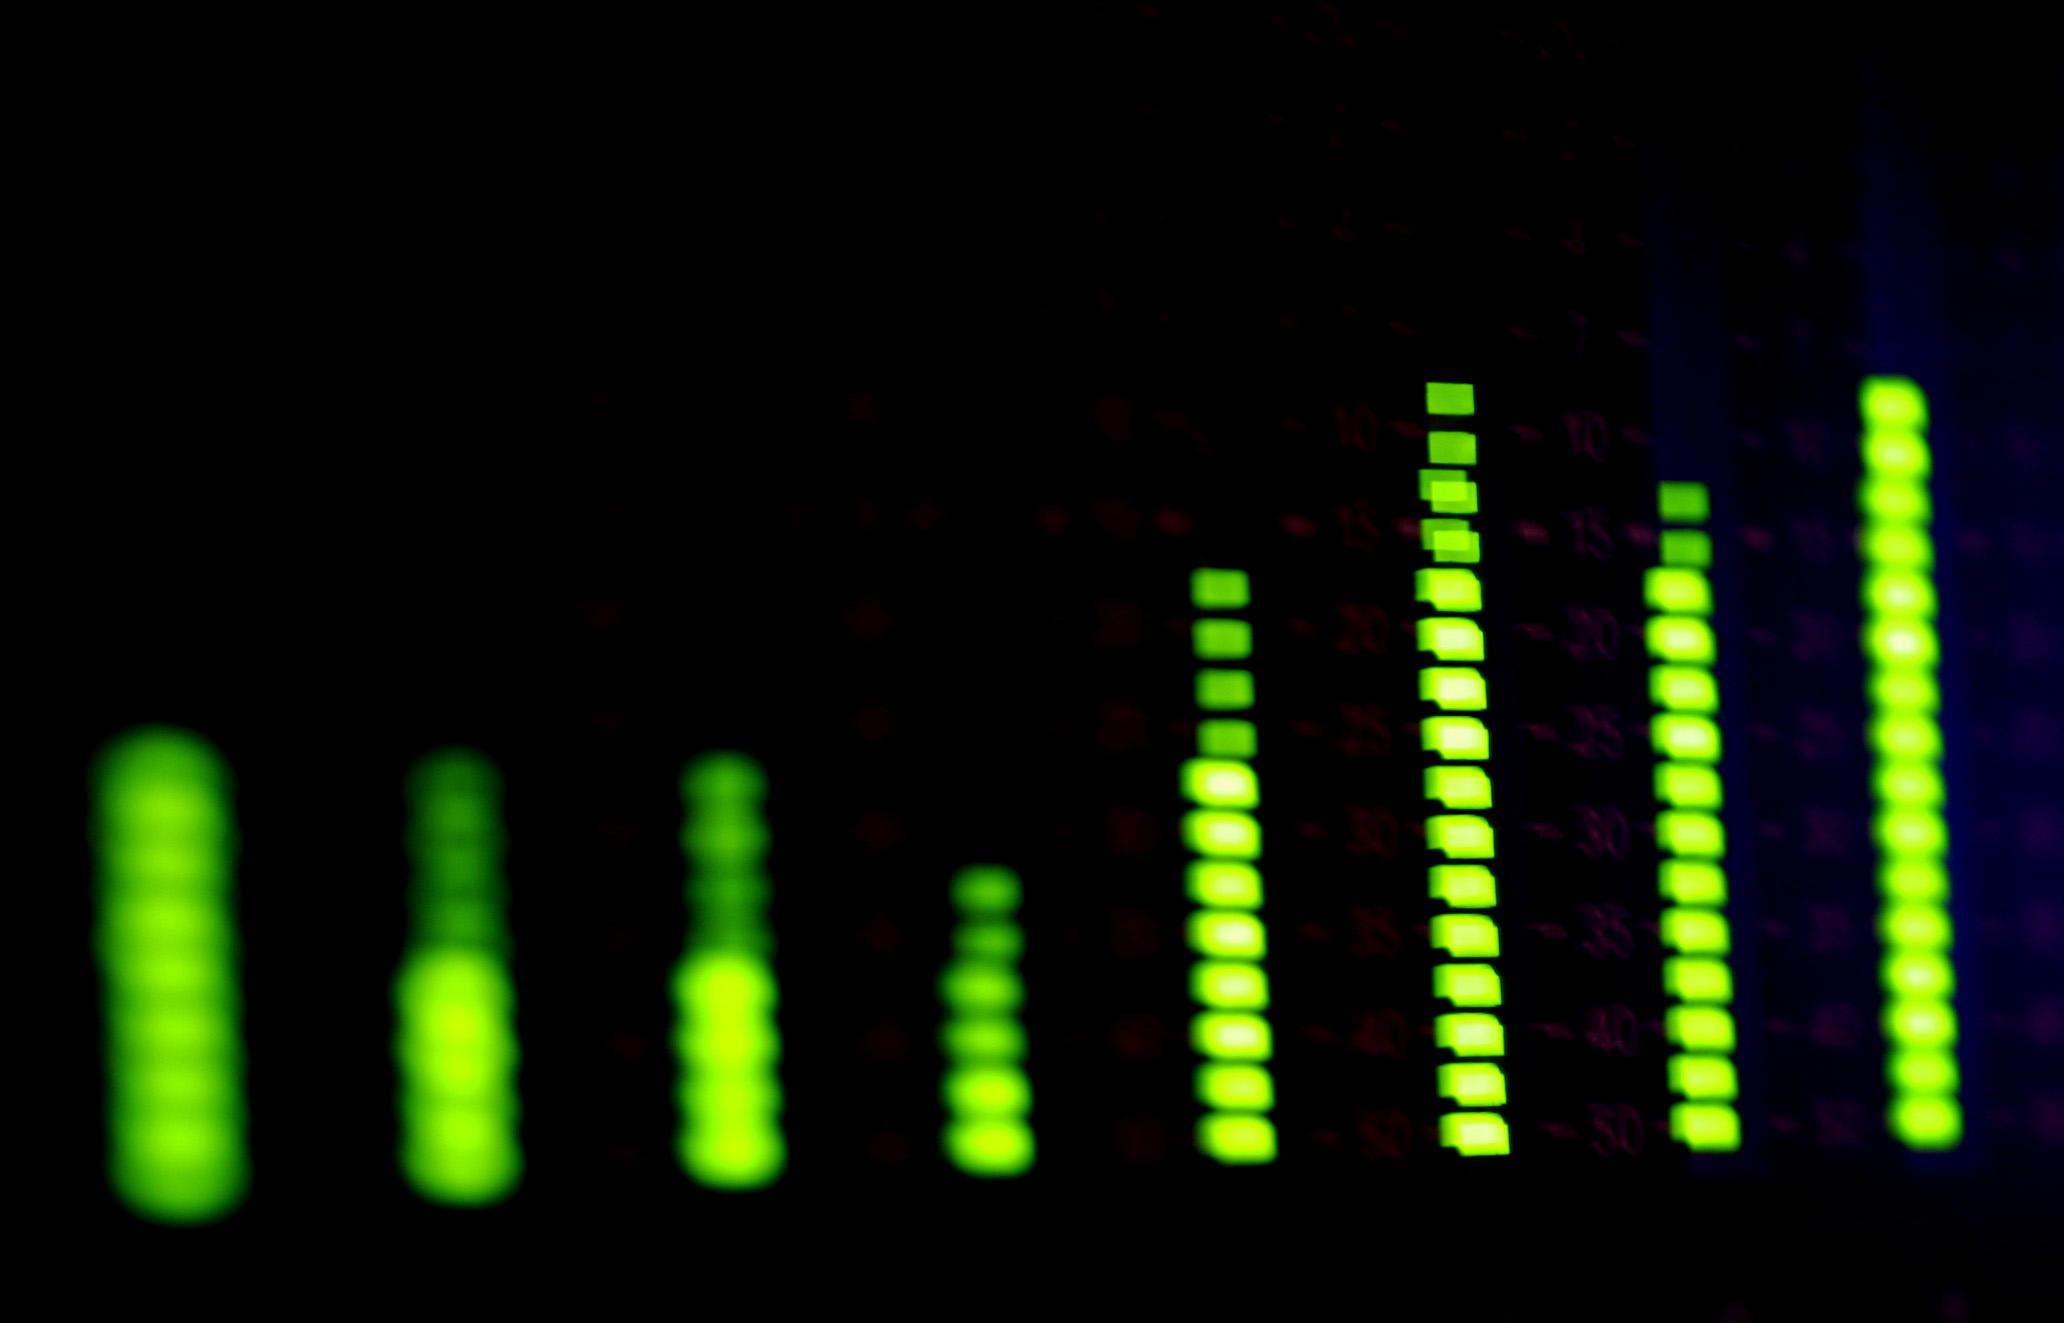 Home Recording Studio Wallpaper Recording studio 01 by gisu 2064x1323